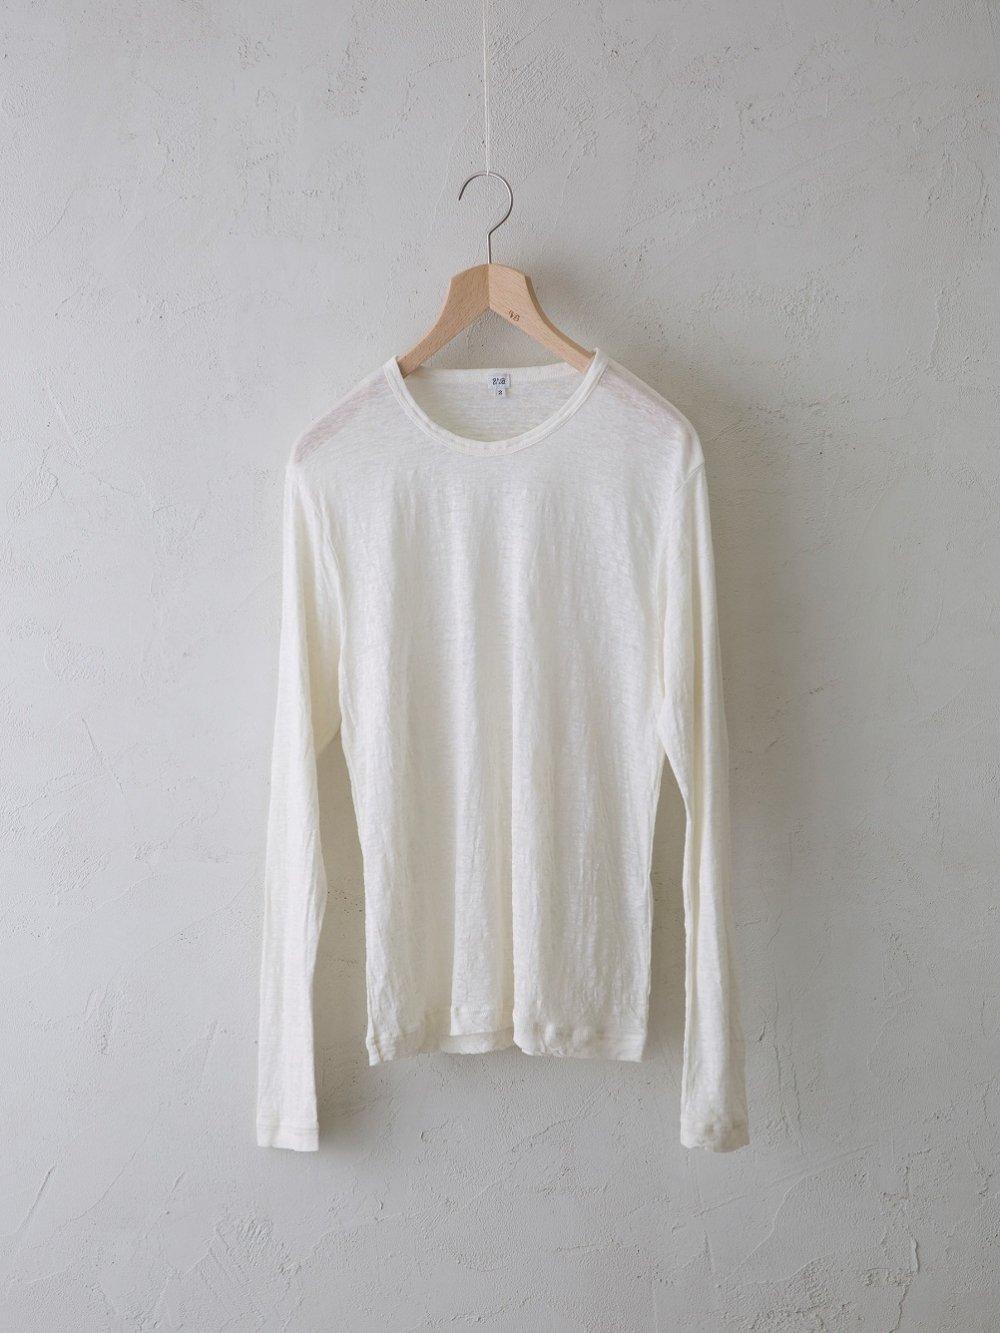 KL Light 長袖Tシャツ (Ladies' & Men's)